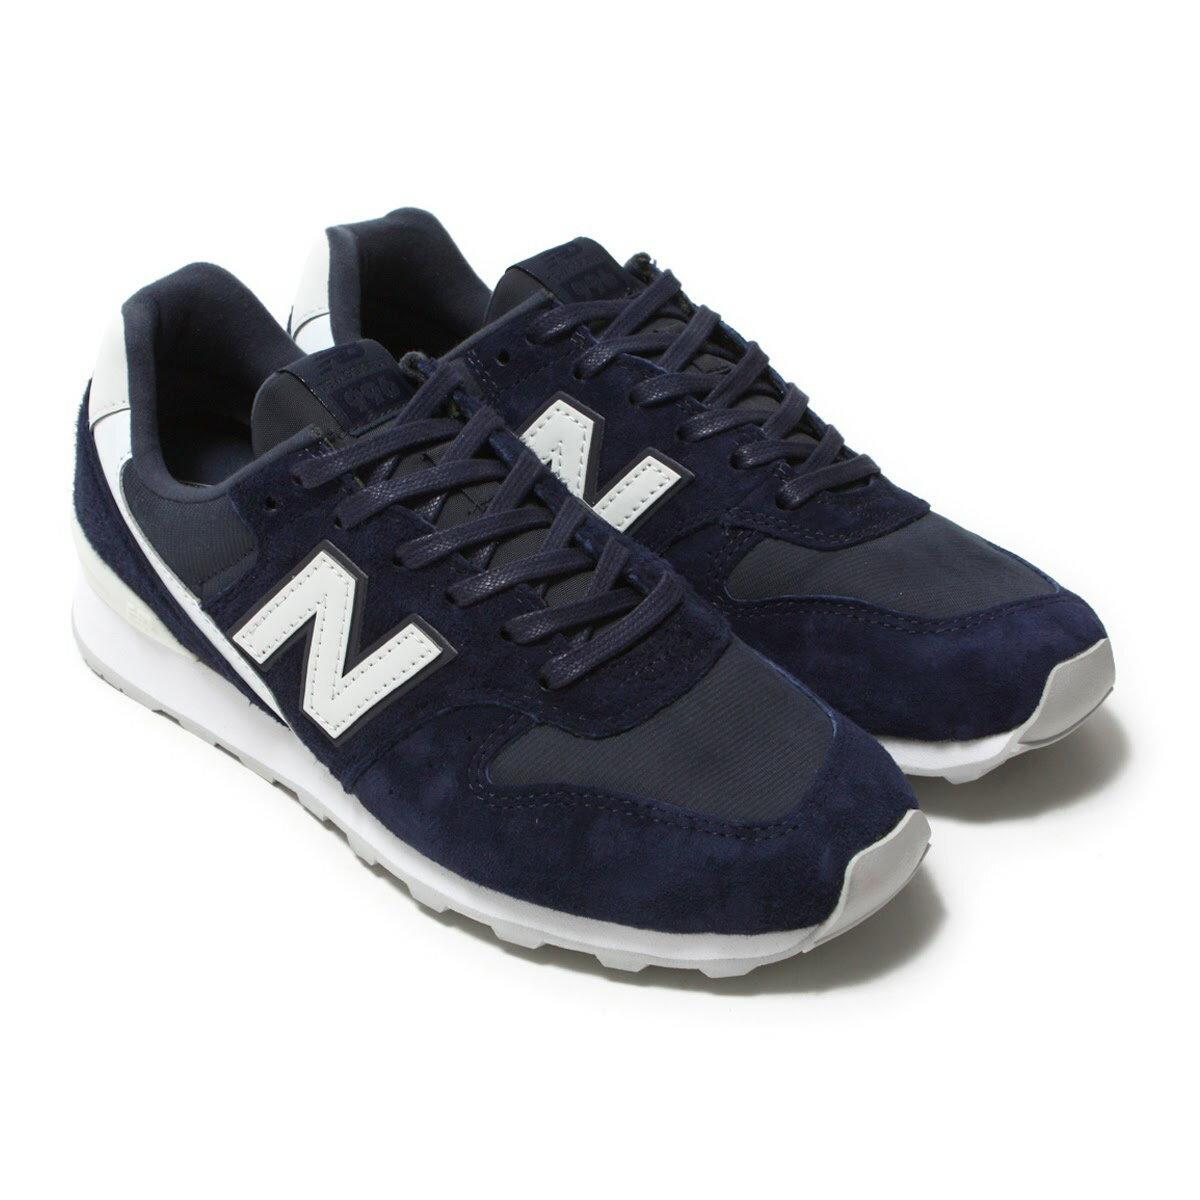 New Balance WR996CGN(ニューバランス WR996CGN)NAVY【メンズ レディース スニーカー】17FA-I